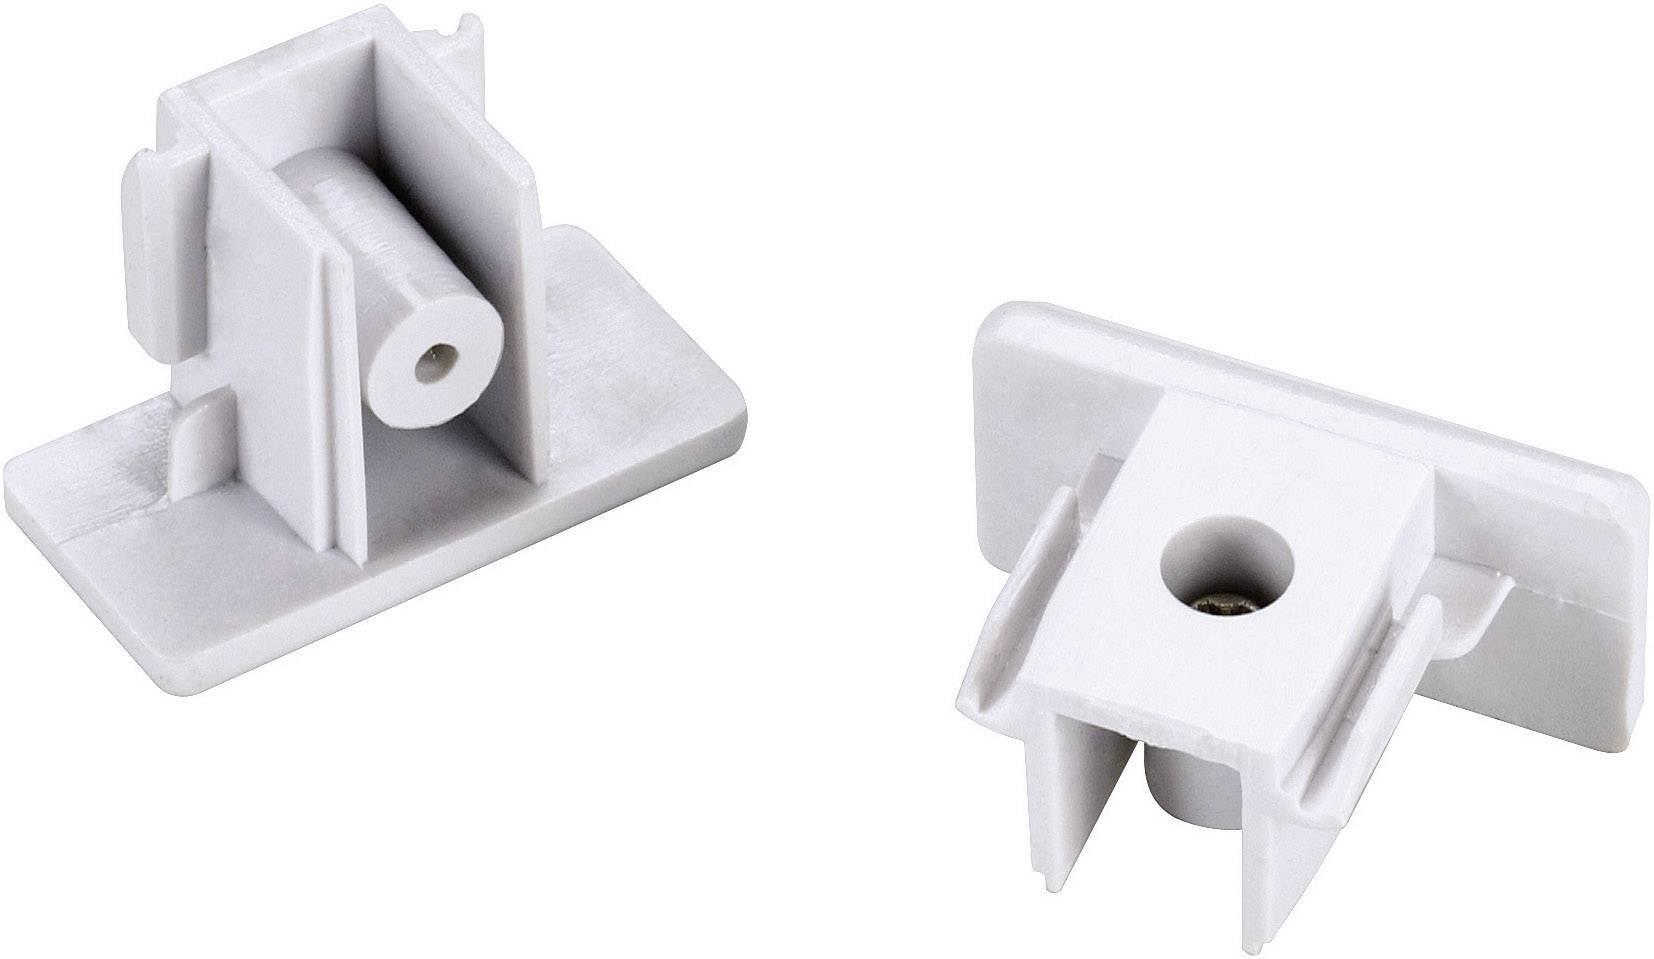 Koncové krytky SLV pro 1fázový kolejnicový systém, 143131, 2 ks, plast, bílá